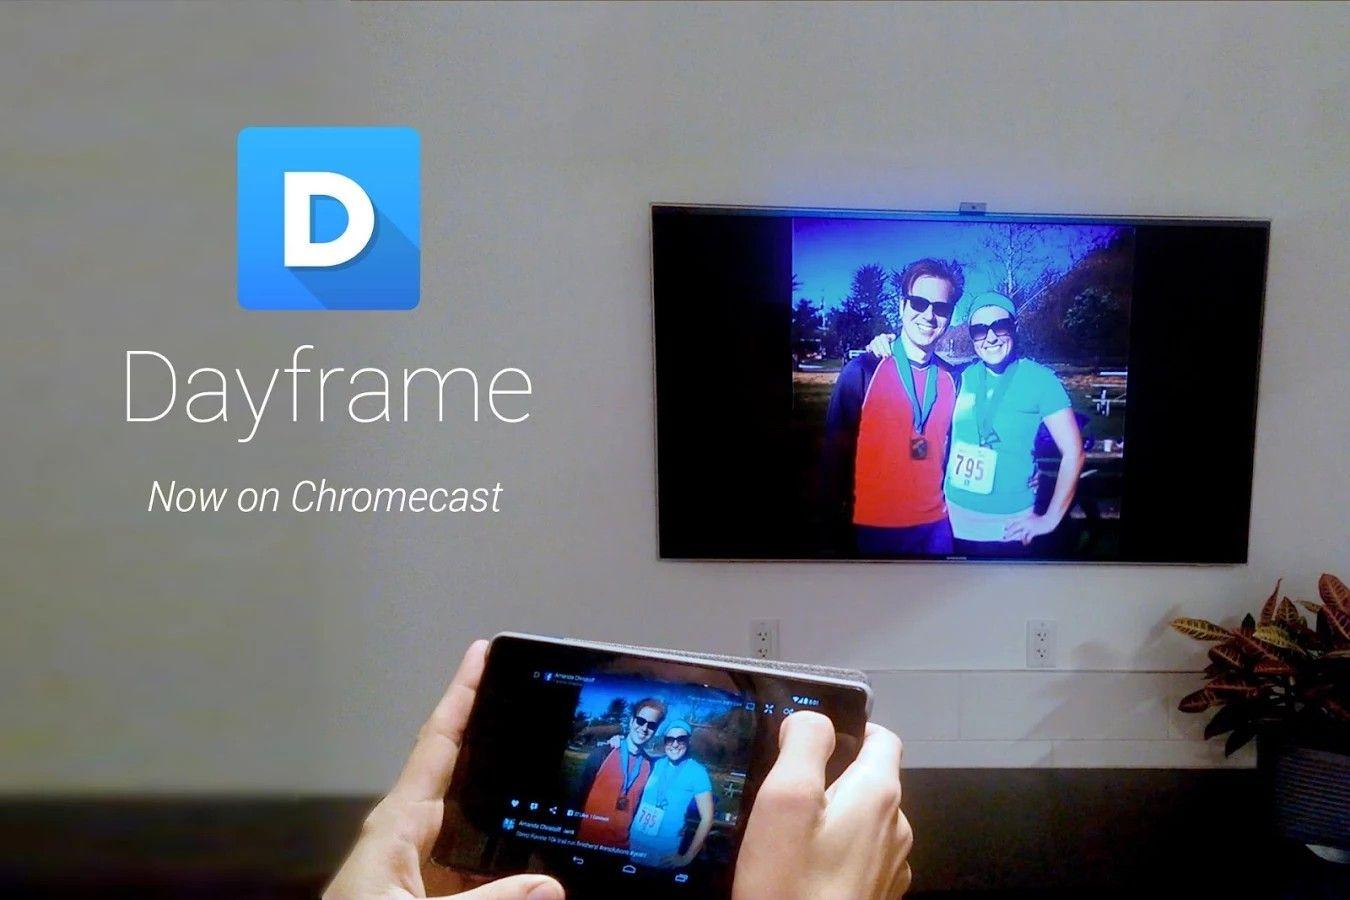 Dayframe Prime (Chromecast Photos) v2.3.4 apk Requirements